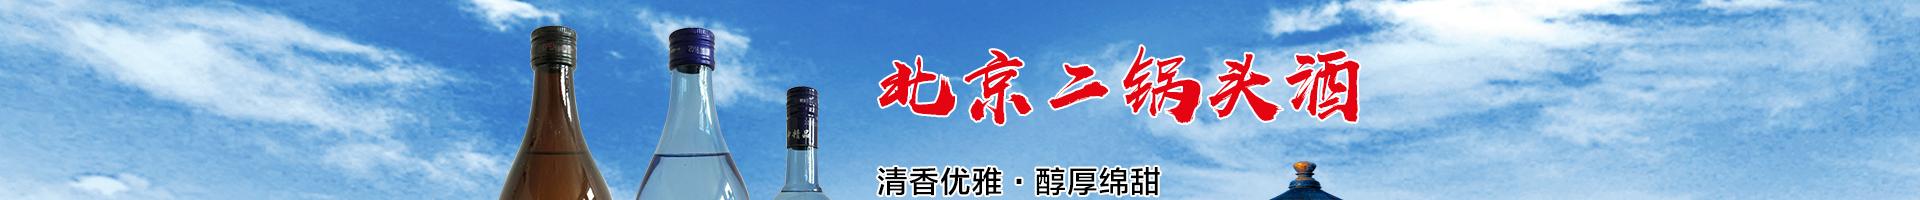 北京盛世金樽酒业有限公司